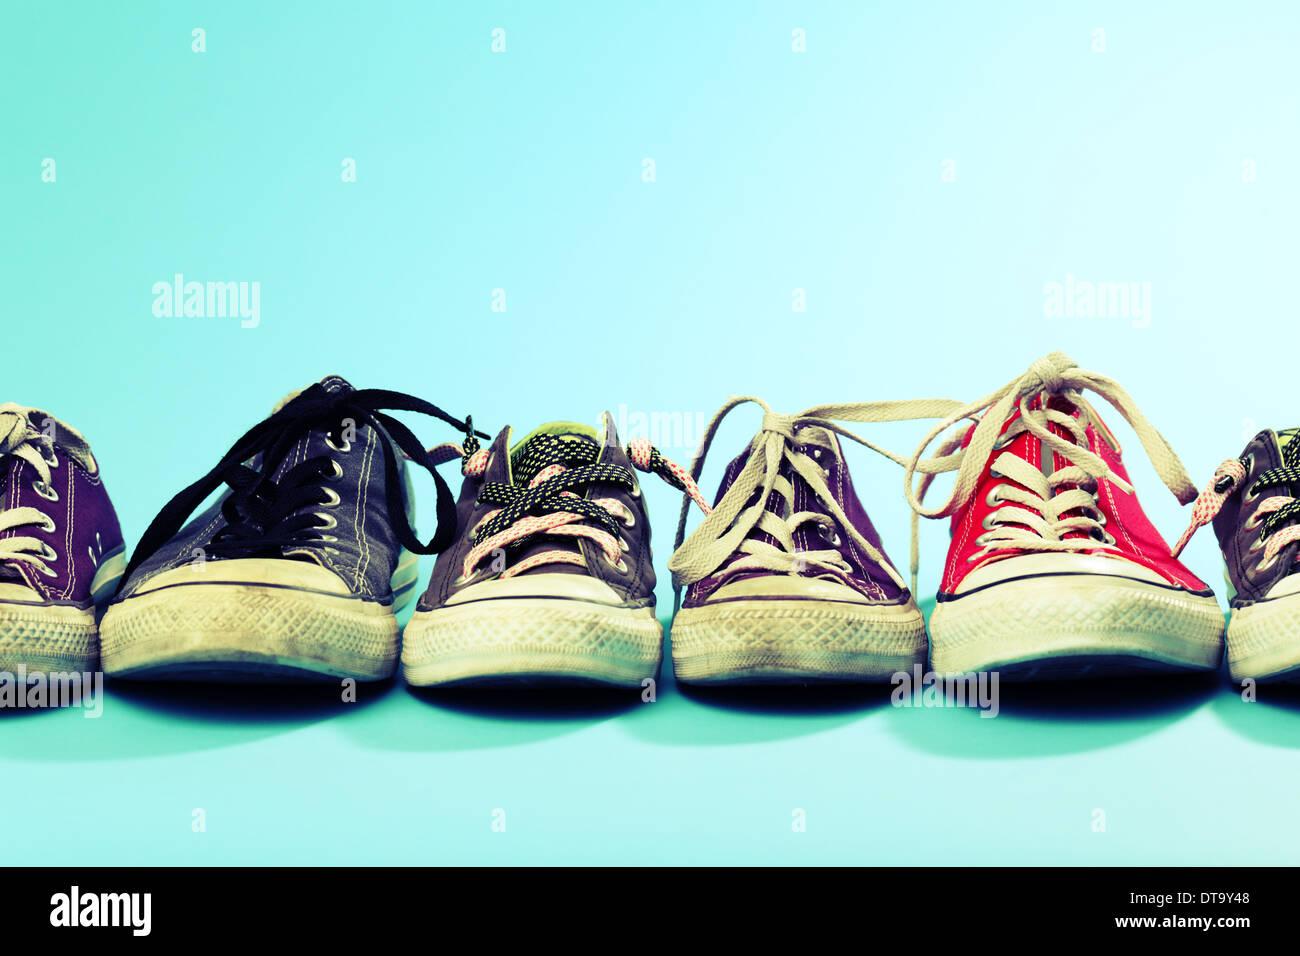 57d10d28 Una línea de zapatos Converse de diversos tamaños y colores, disparó contra  un fondo azul